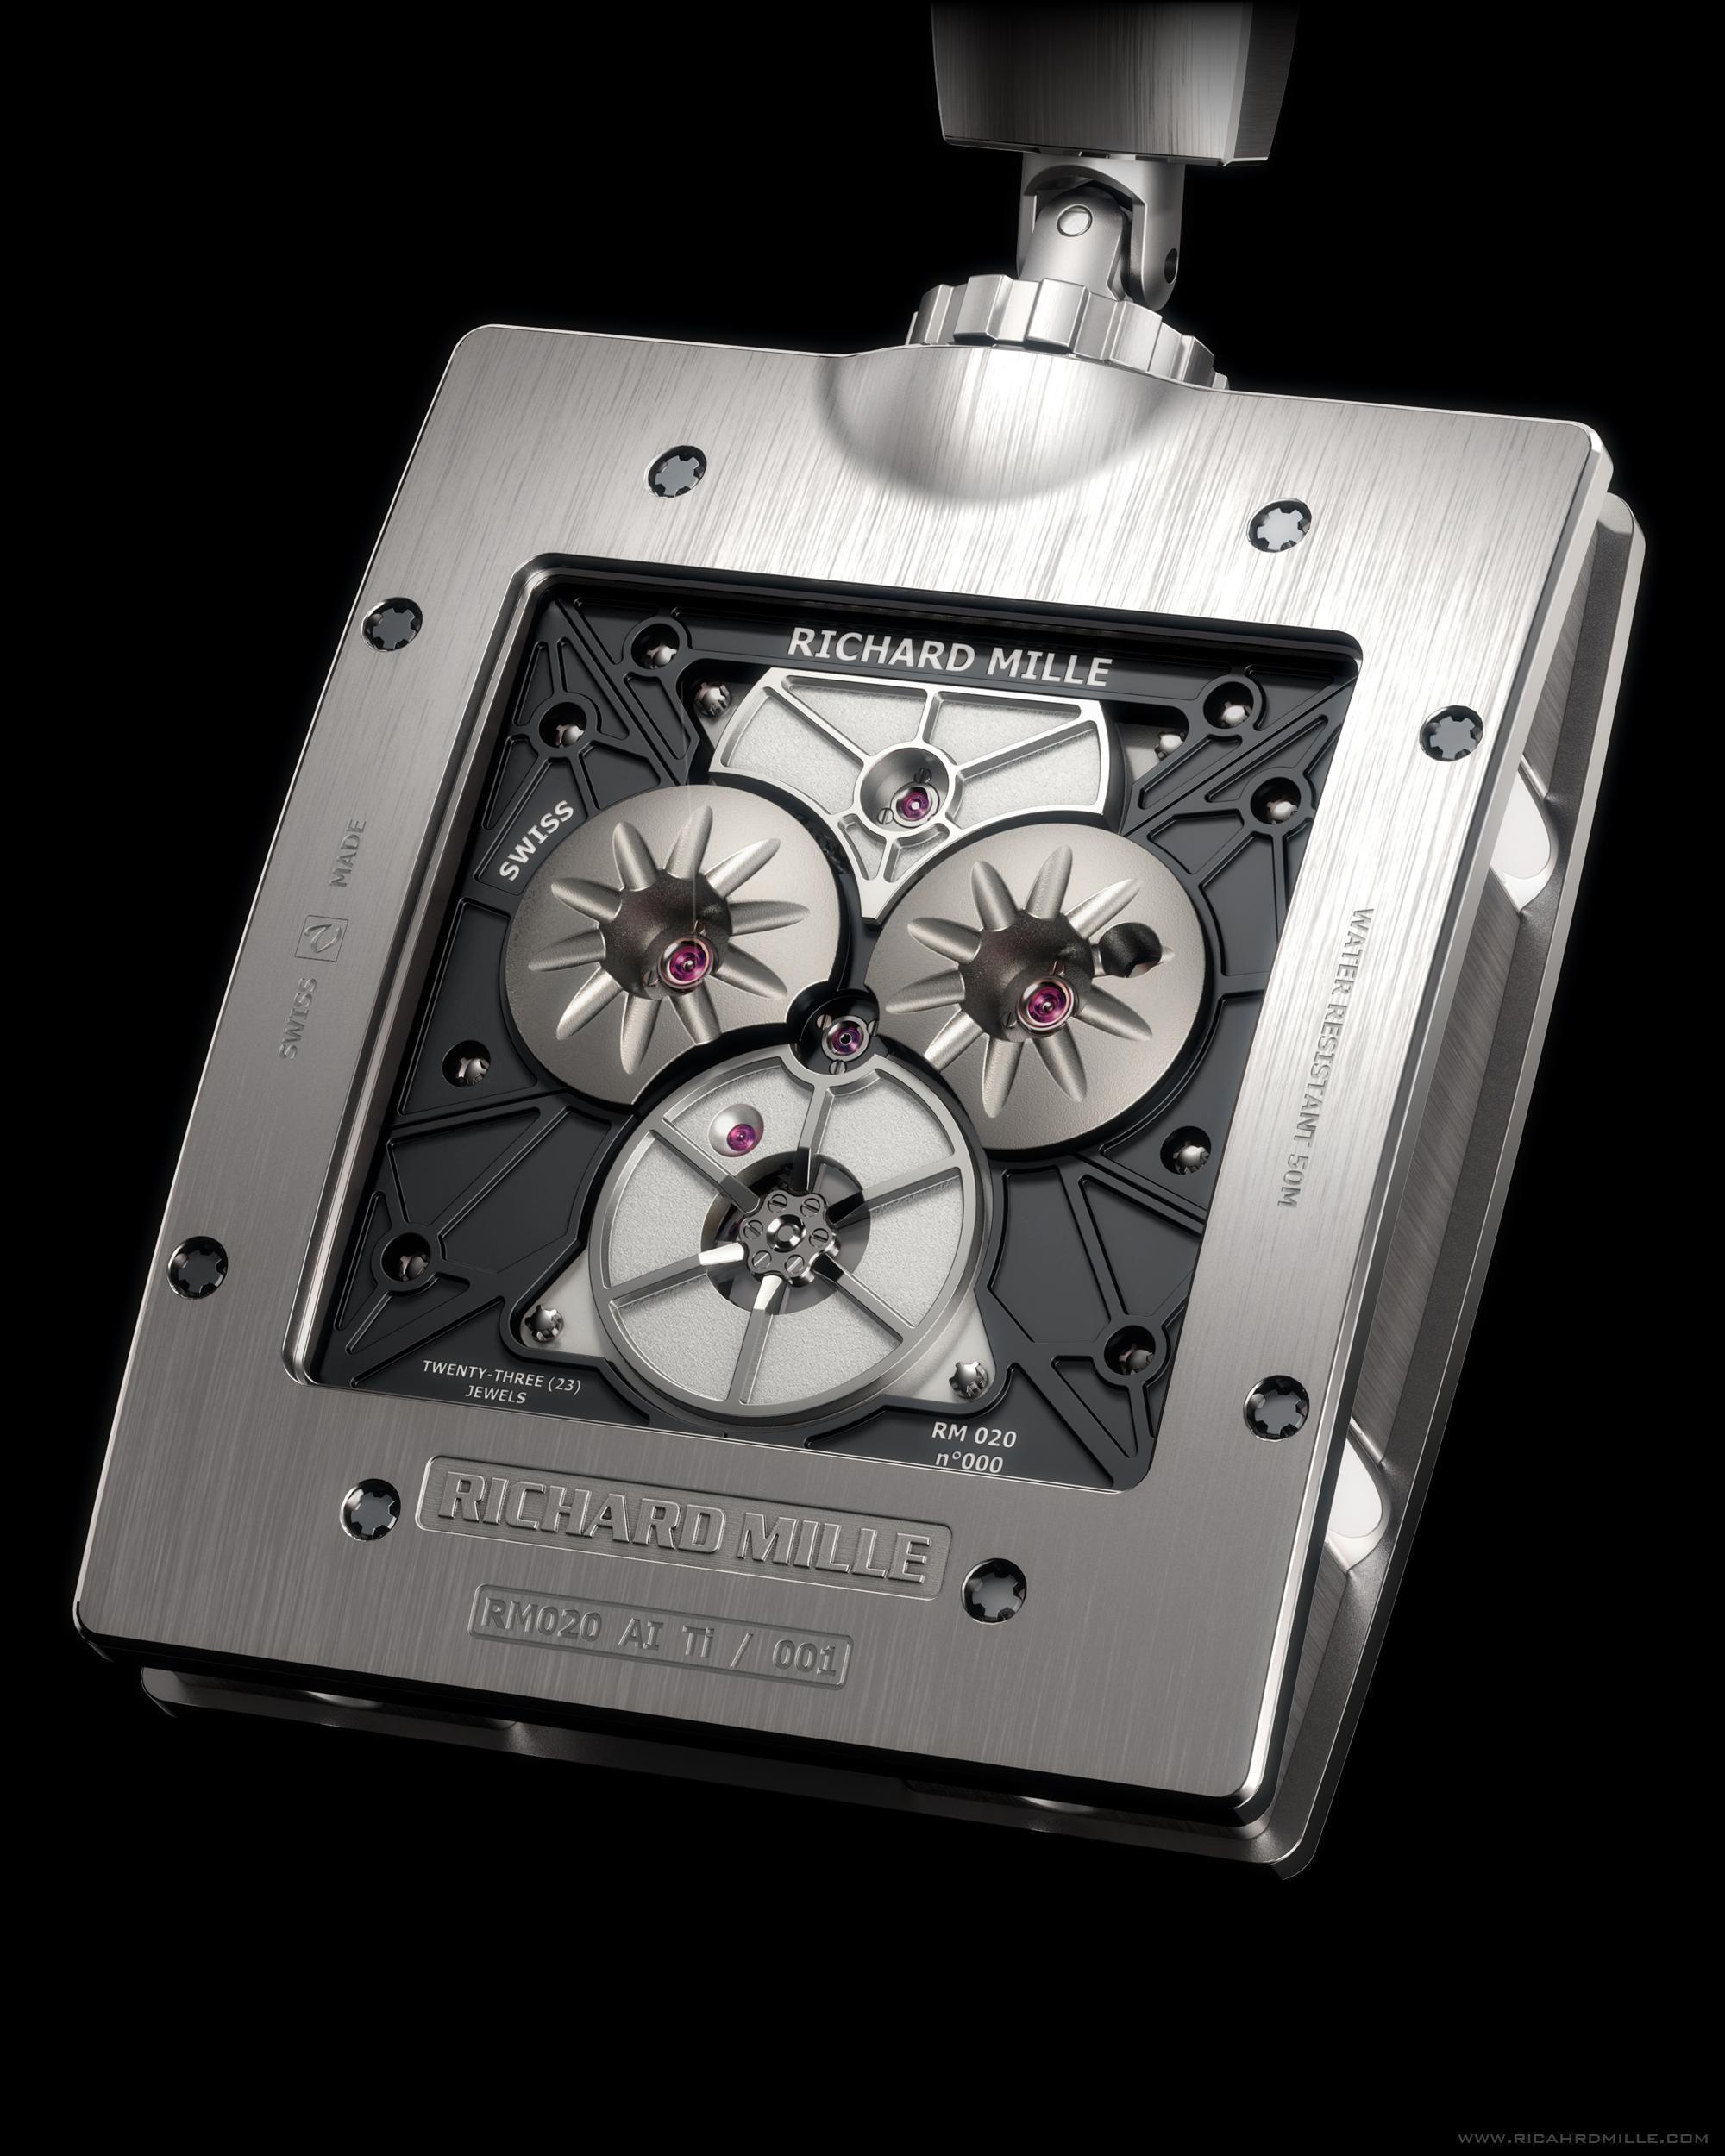 Richard Mille Rm 020 Pocket Watch Back Taschenuhr